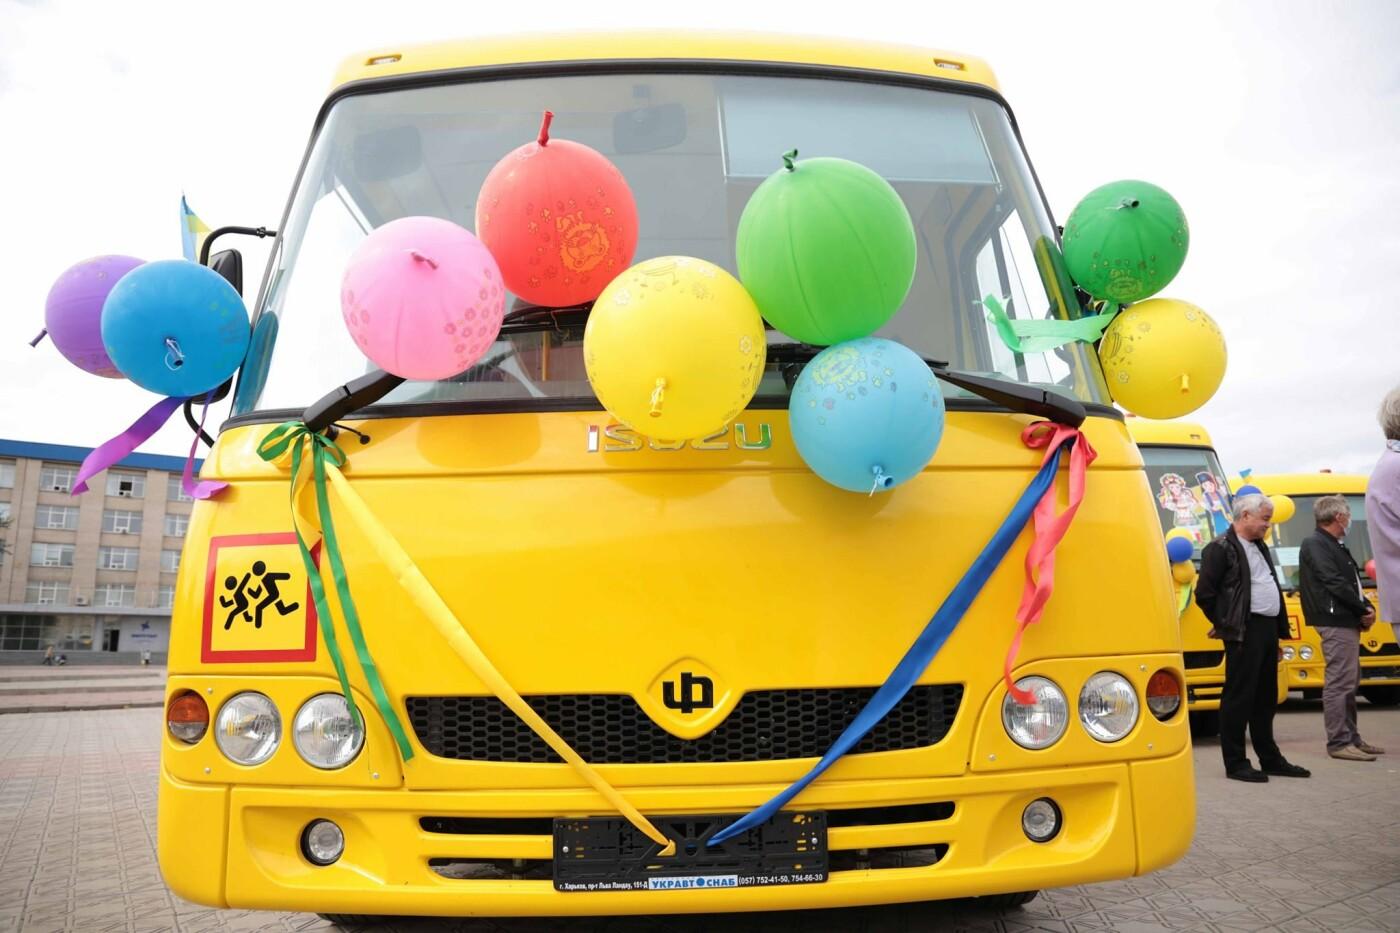 Школы Луганщины получили 4 новых автобуса, фото-1